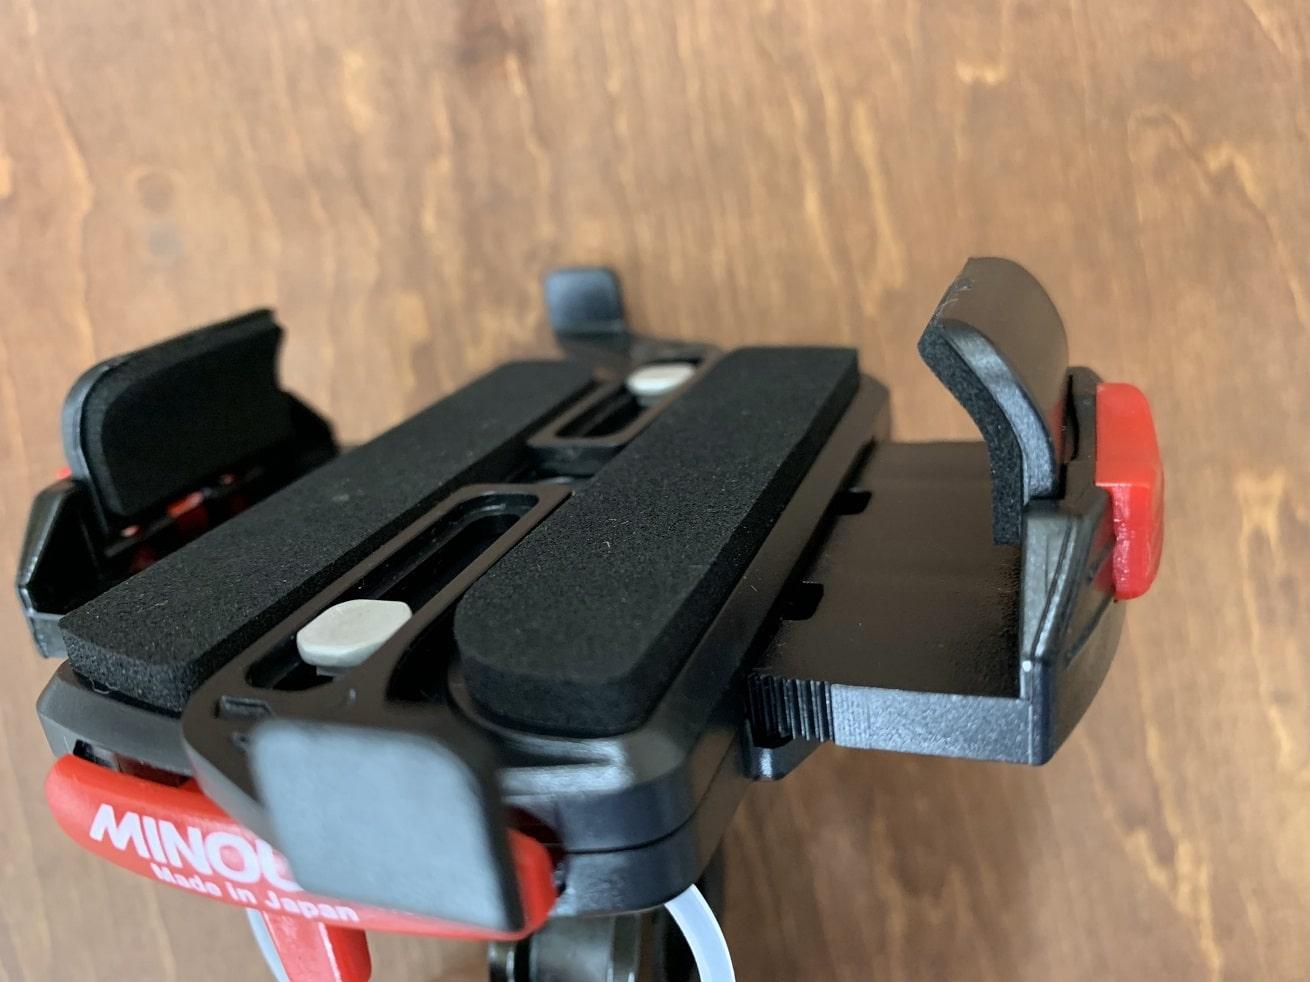 自転車スマホホルダー「ミノウラiH-520-STD」サイド高い状態